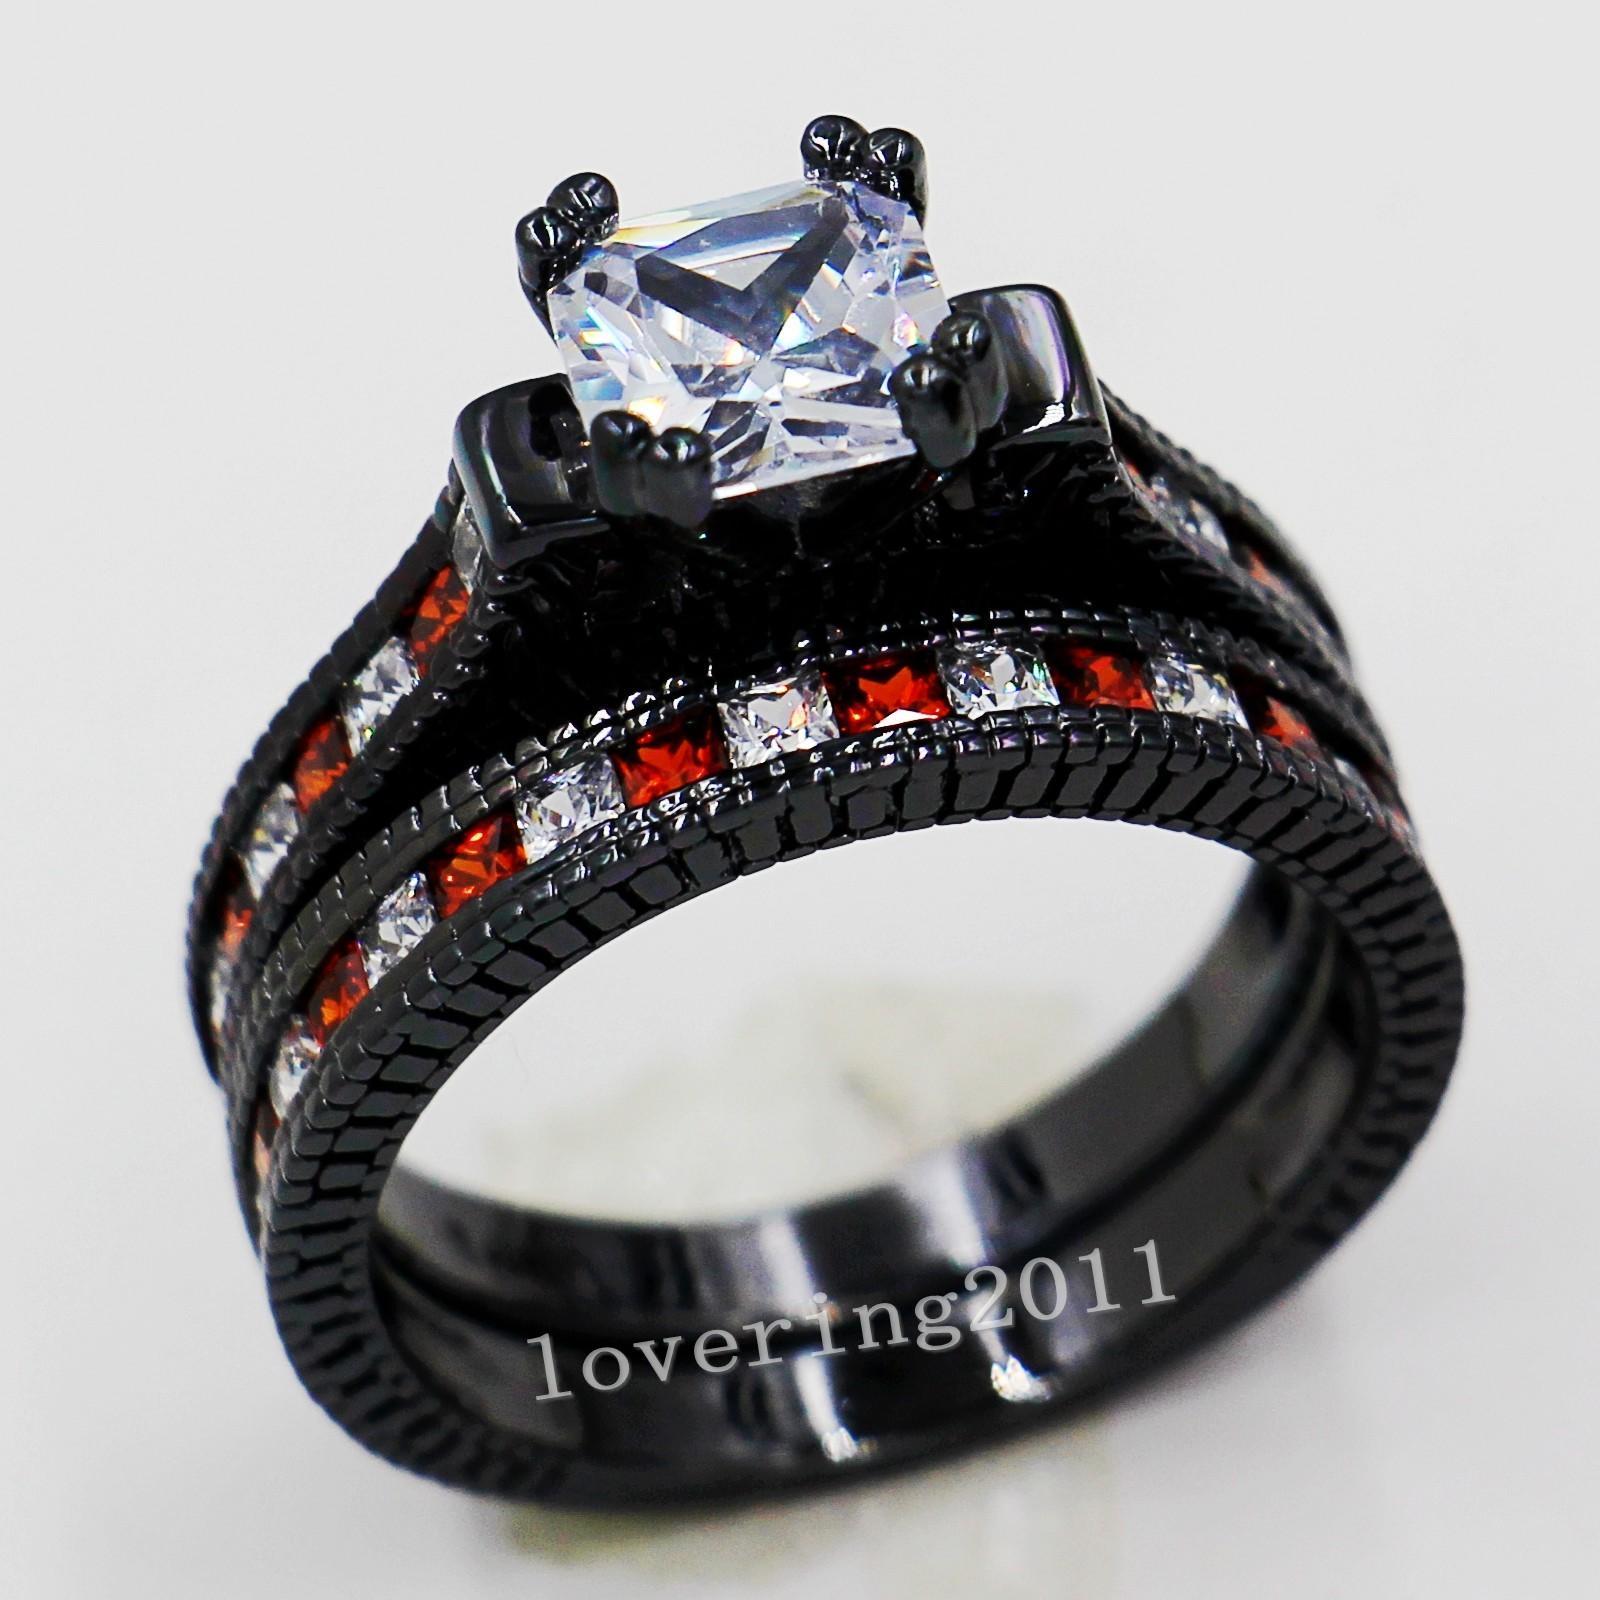 Boyutu 5-11 Retro Moda takı 14kt siyah altın dolgulu Kırmızı Garnet Çok taş CZ Benzetilmiş Elmas kadınlar Düğün Nişan Yüzük seti hediye